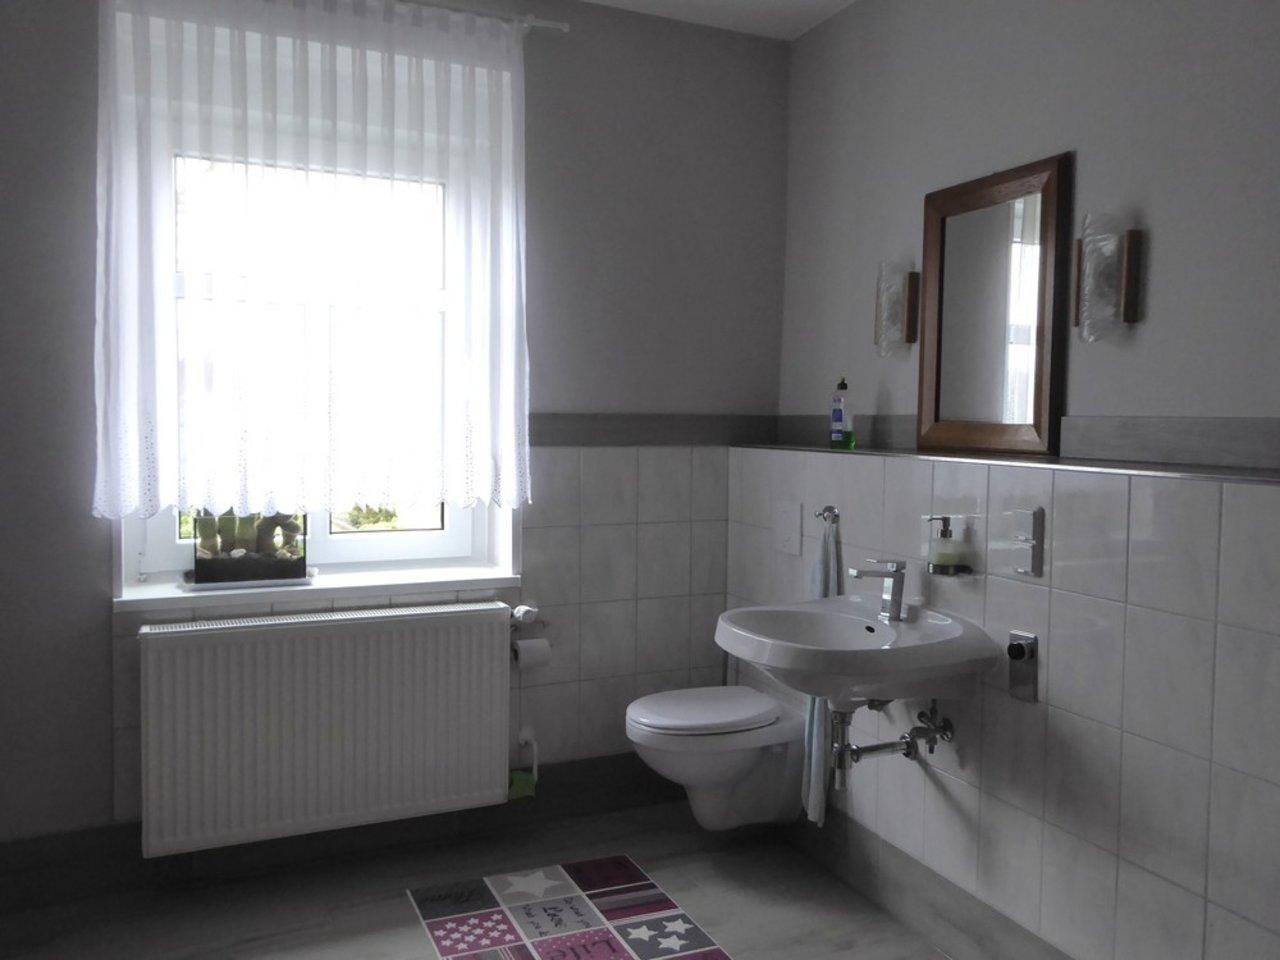 Großzügige, gepflegte Wohnung mit sonniger Terrasse in Witzleben-HWR im EG